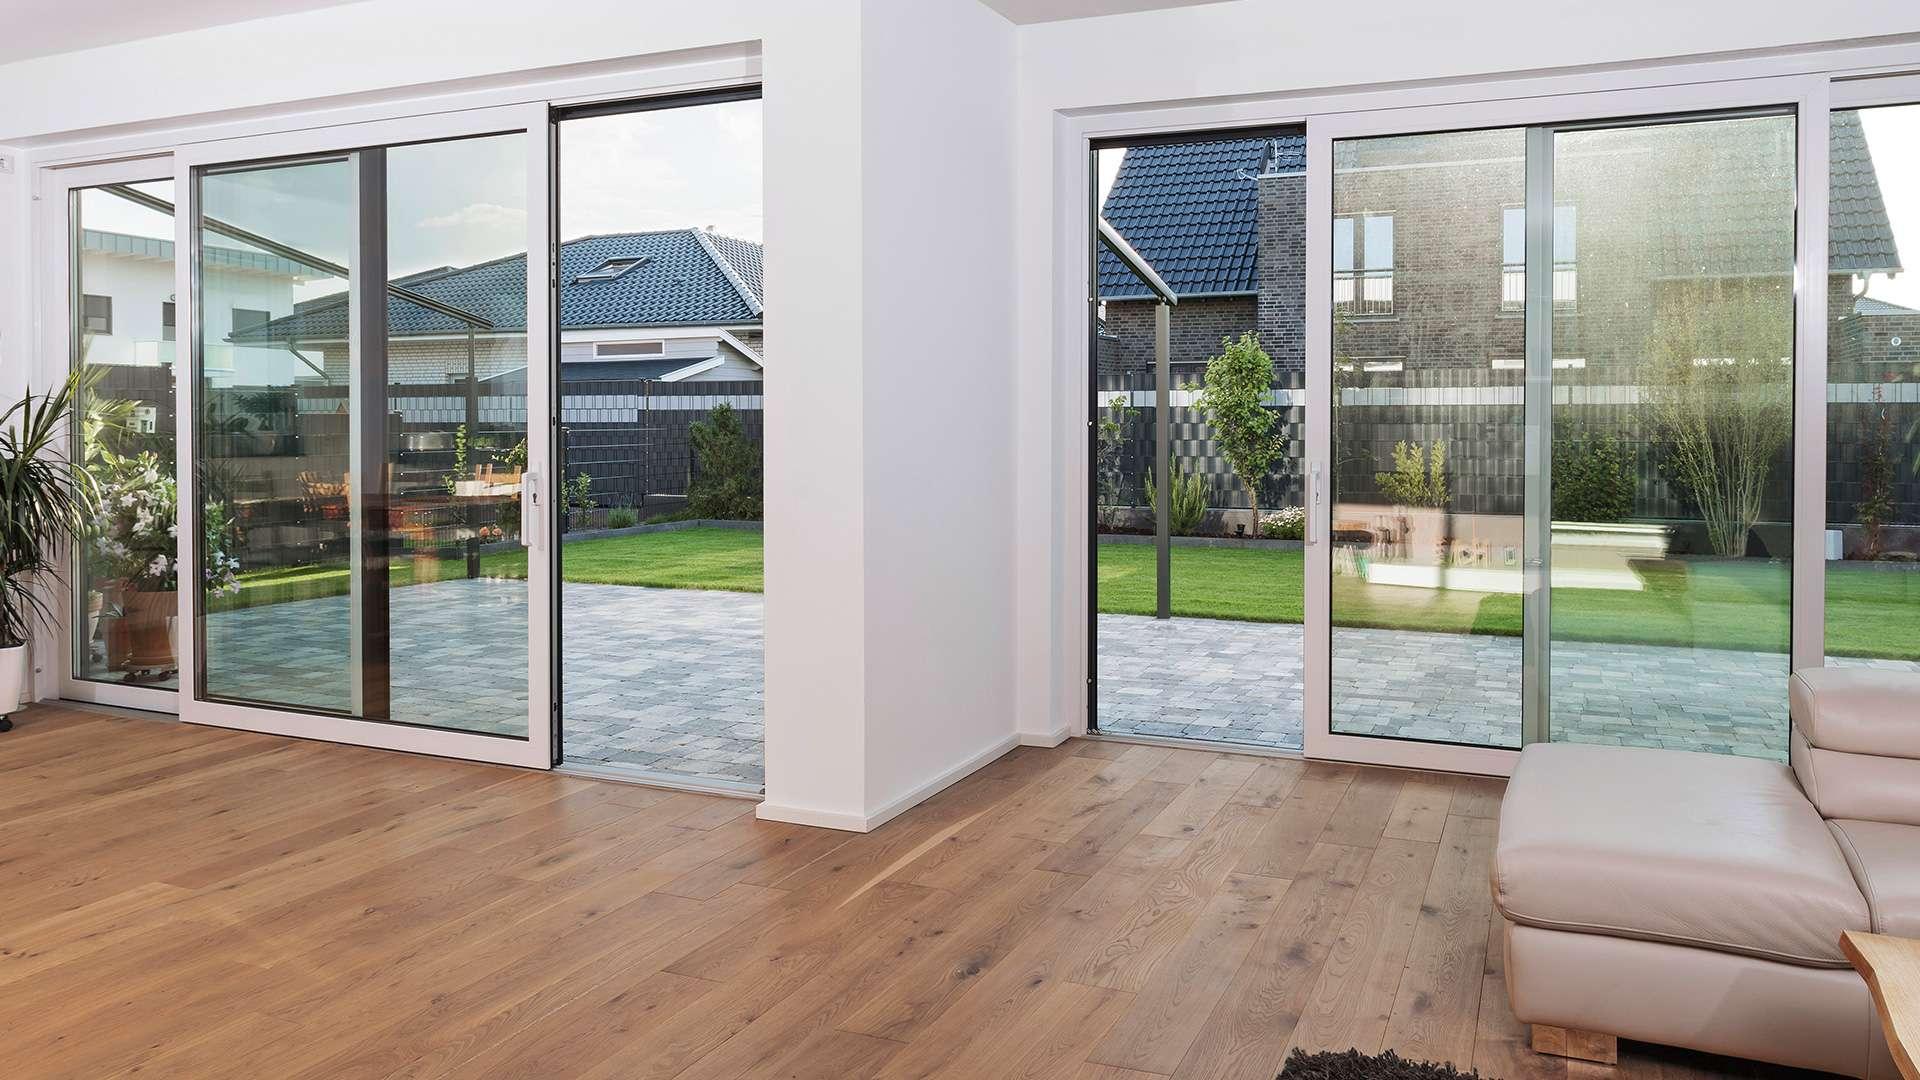 Wohnzimmer mit bodentiefen Schiebefenstern zum Gartn